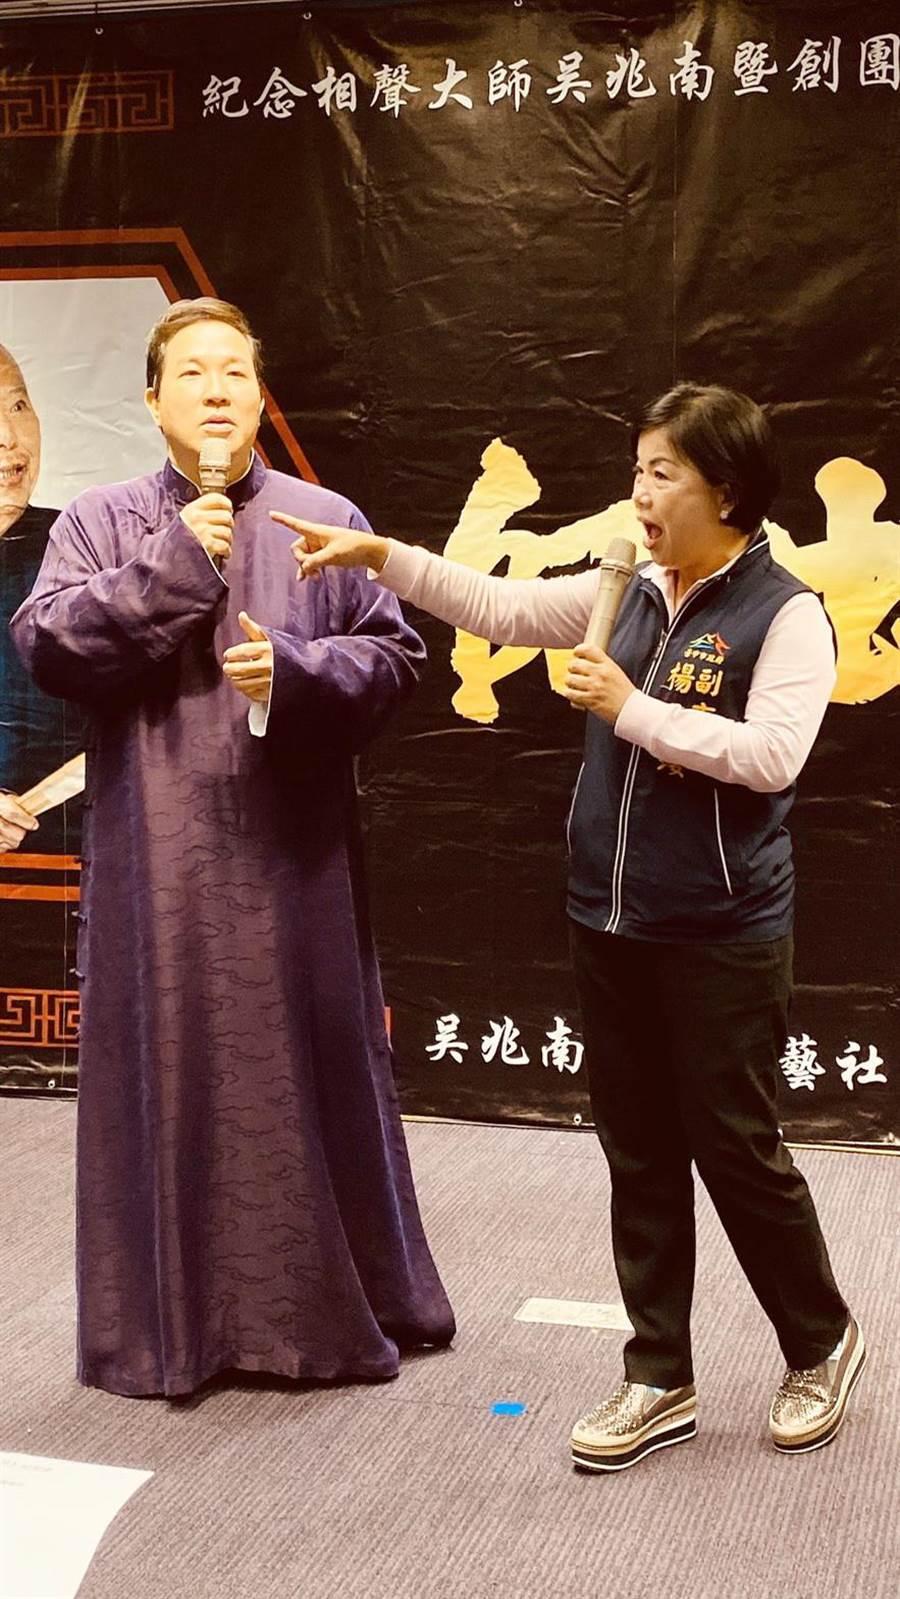 台中市副市長楊瓊瓔(右)與相聲表演藝術家劉爾金(左)兩人一搭一唱介紹台中美食,為吳兆南相聲劇藝社《吳門20-師出吳名》演出活動宣傳。(陳淑芬攝)